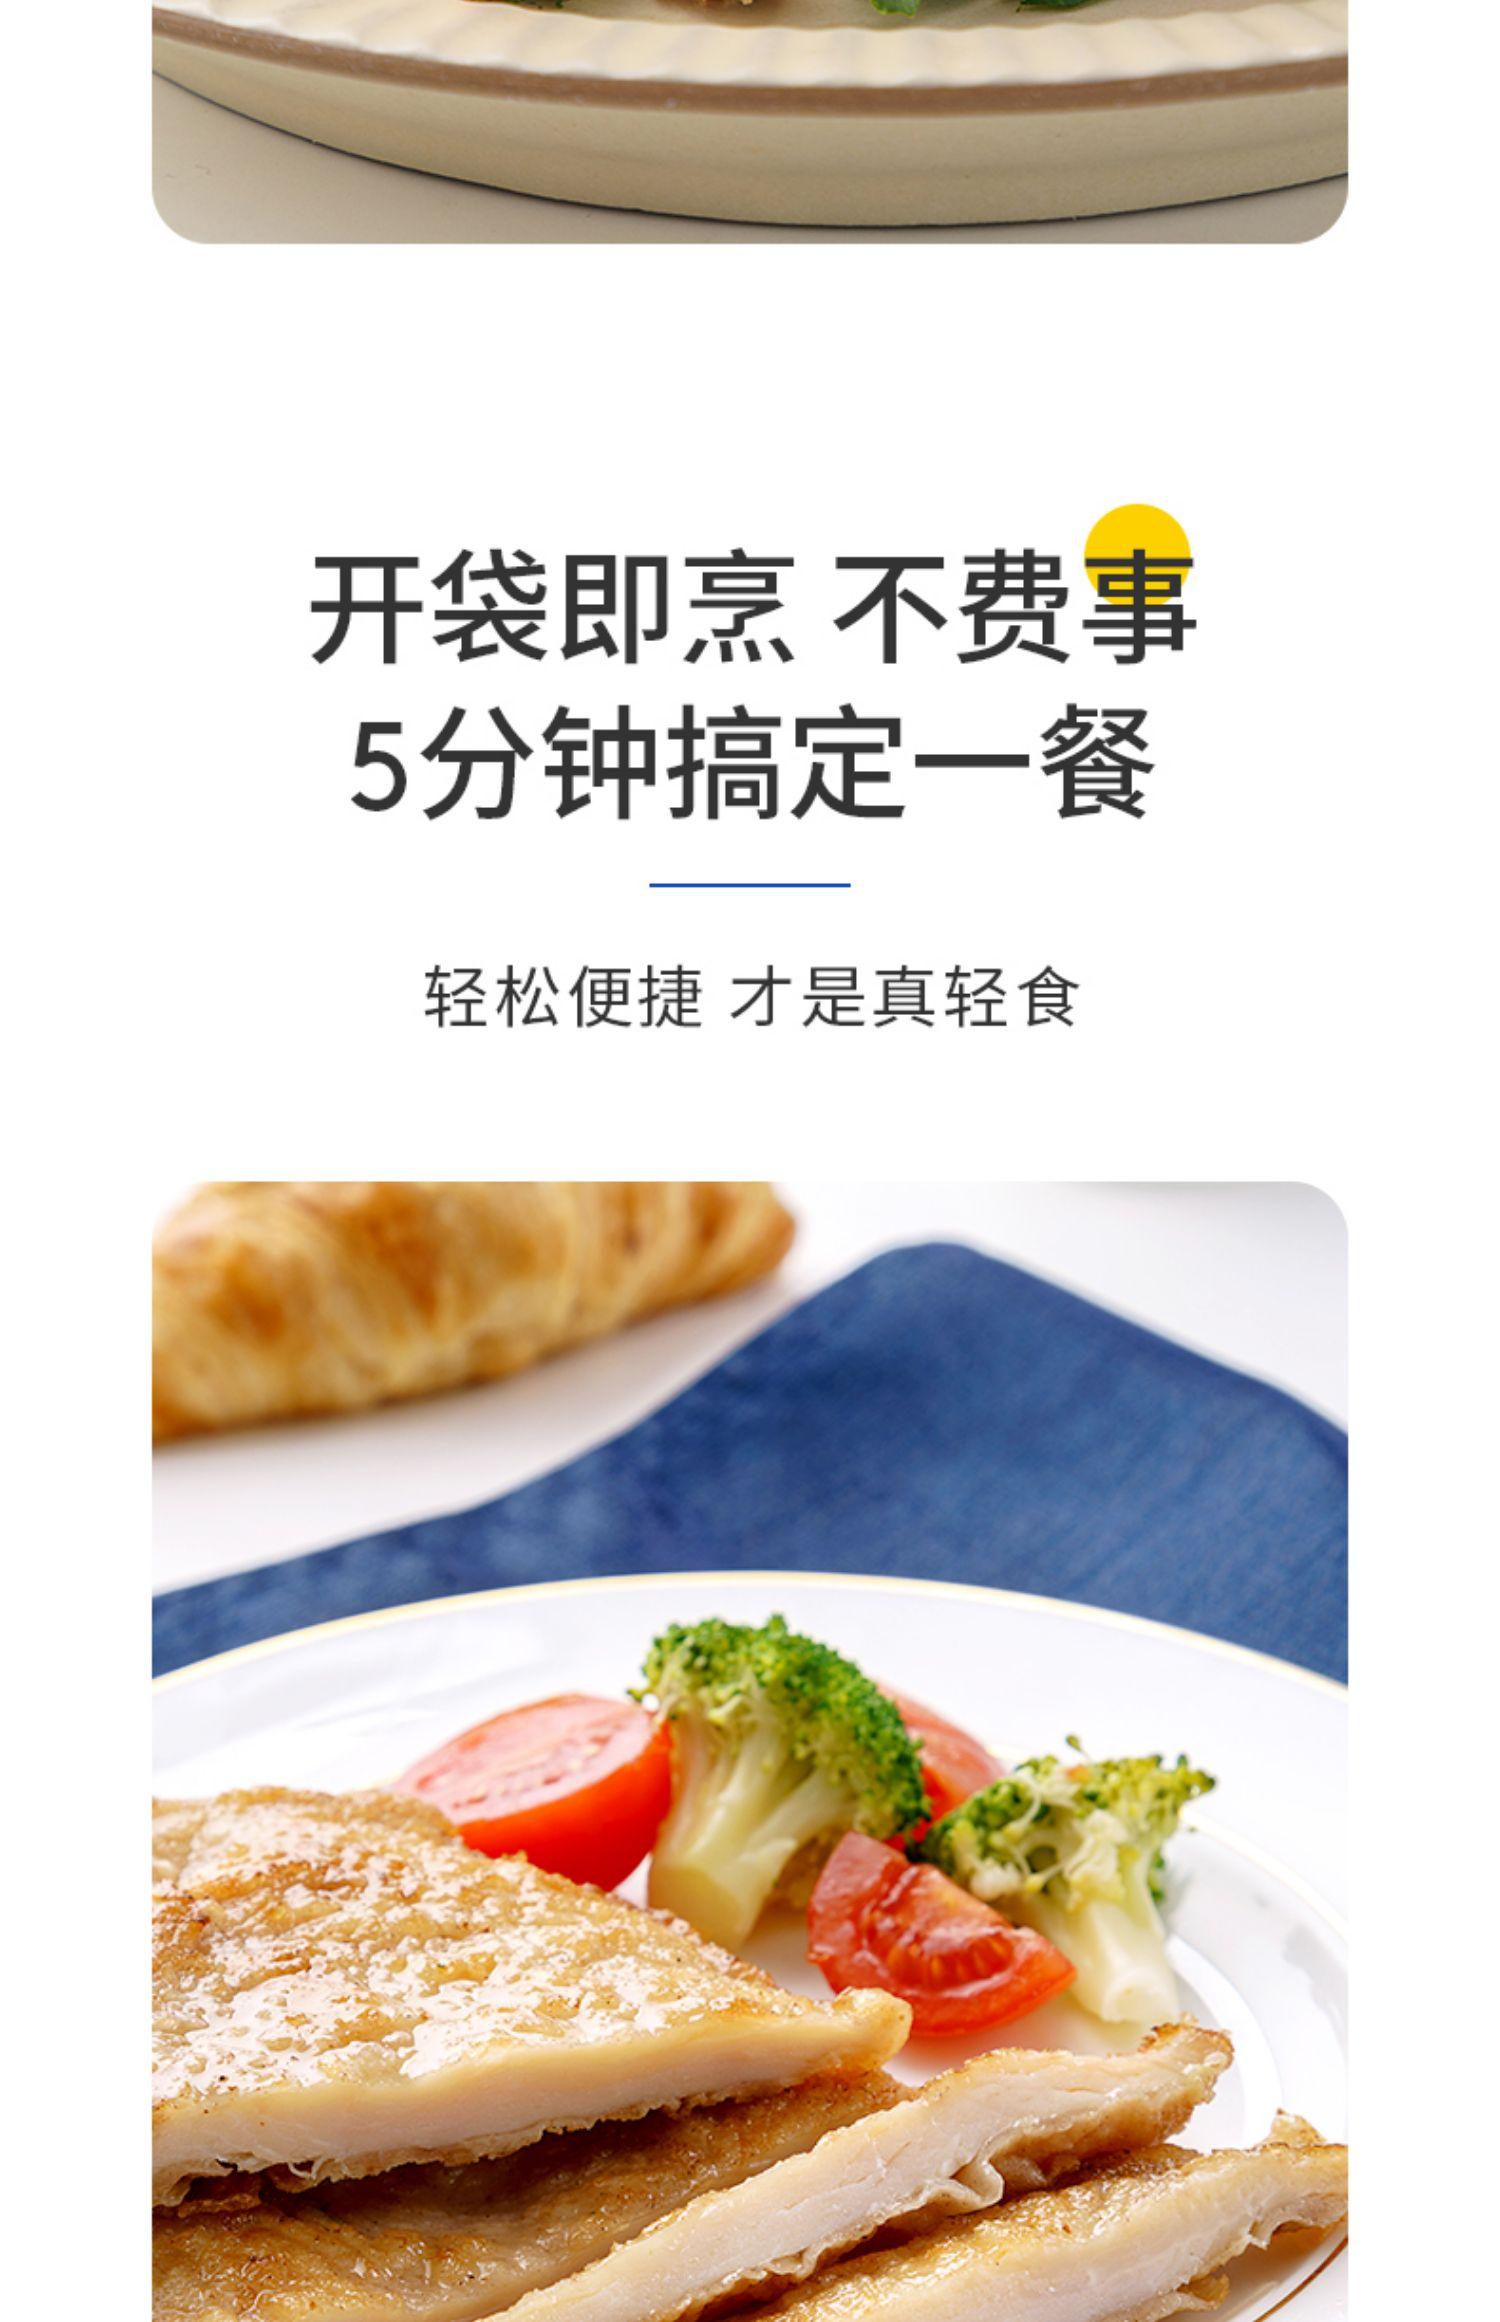 【小牛凯西旗舰店】超入味的香煎鸡排13片